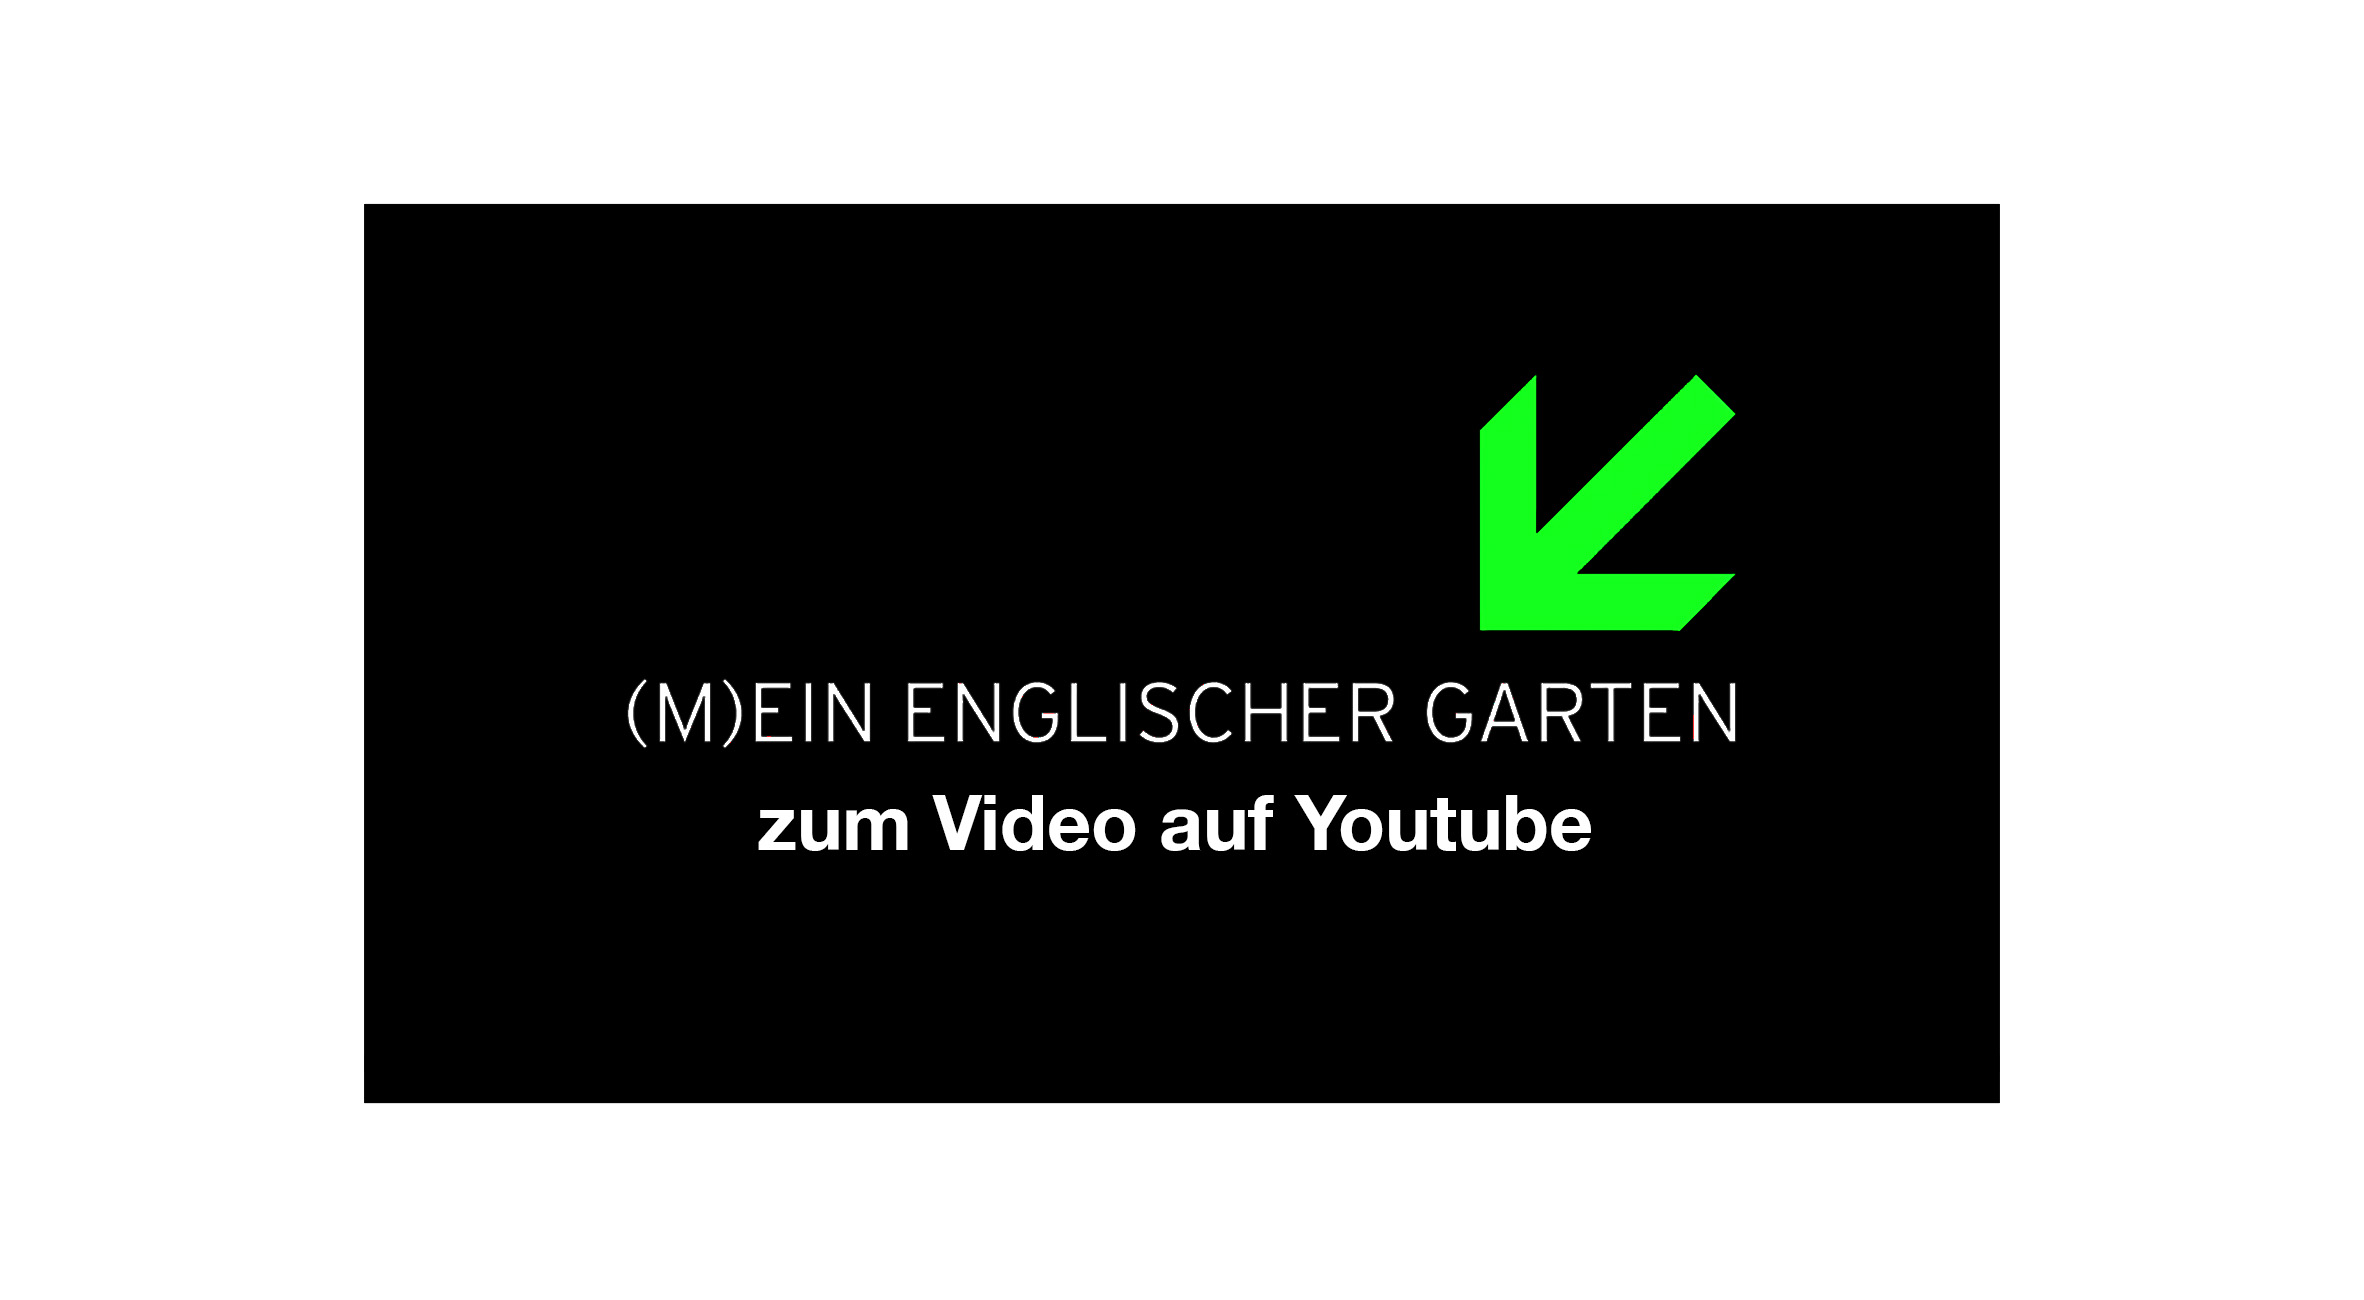 Link zum Video auf Youtube - Mein Englischer Garten